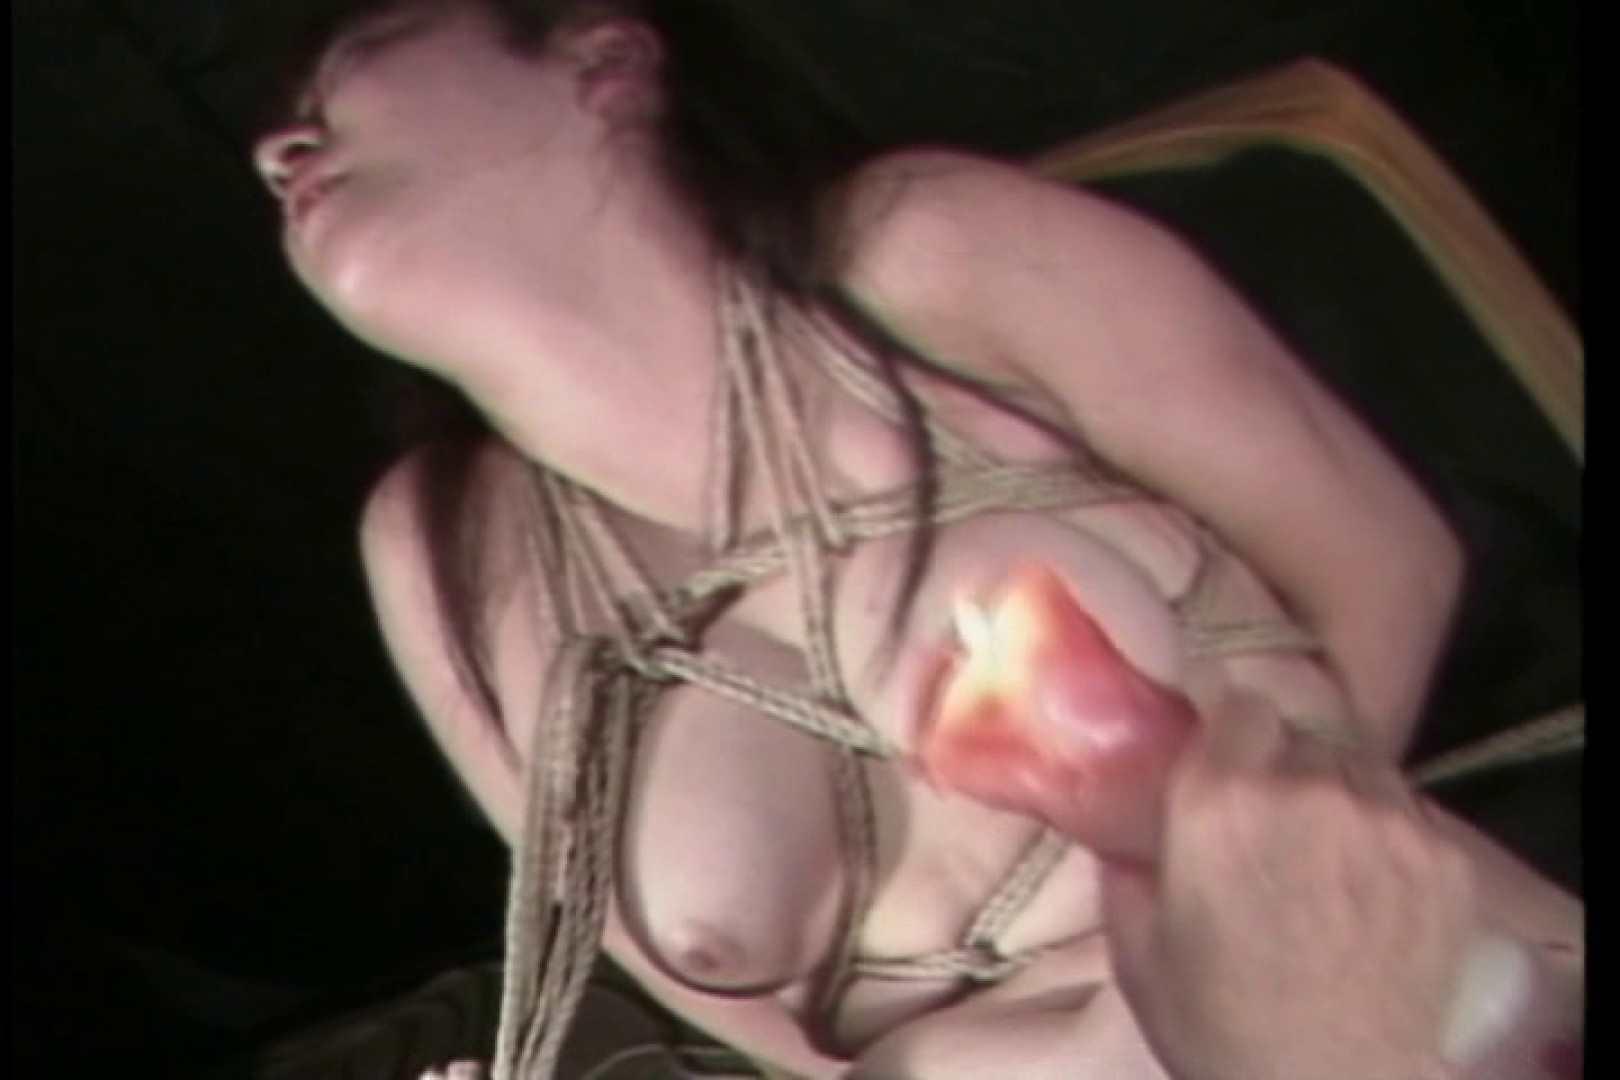 変態亜美のアブノーマルな世界・後編~夢野亜美~ フェラ | バイブ  98pic 16